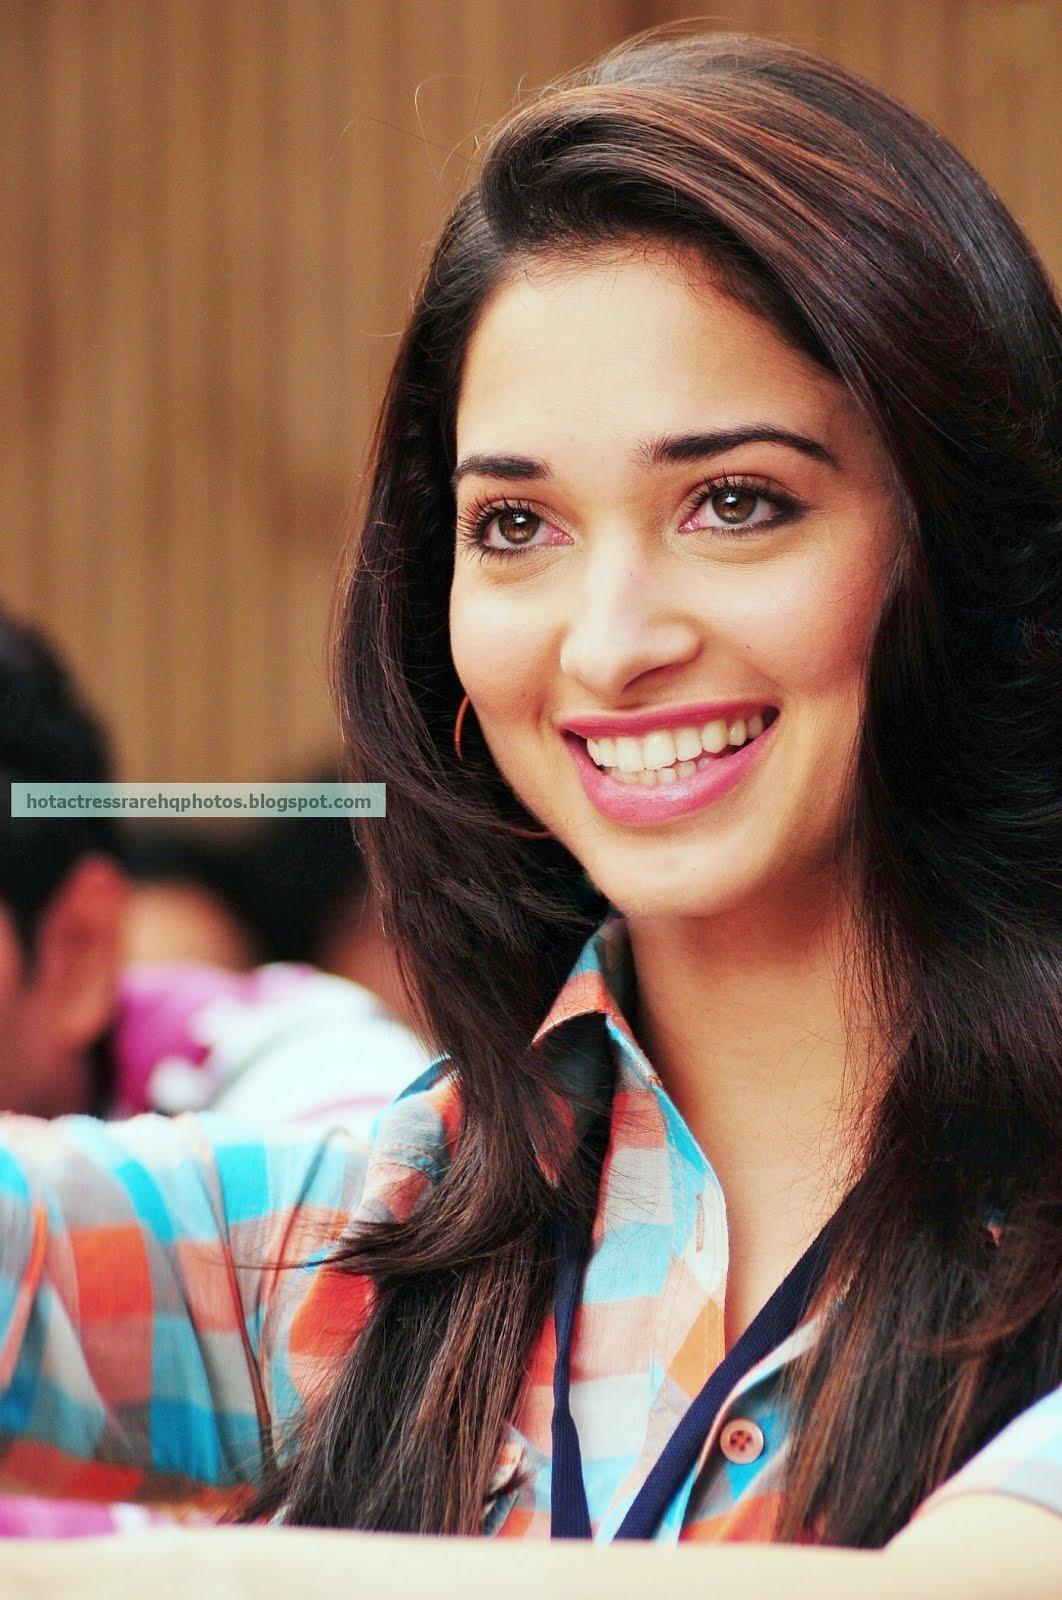 hot indian actress rare hq photos: telugu actress tamanna bhatia